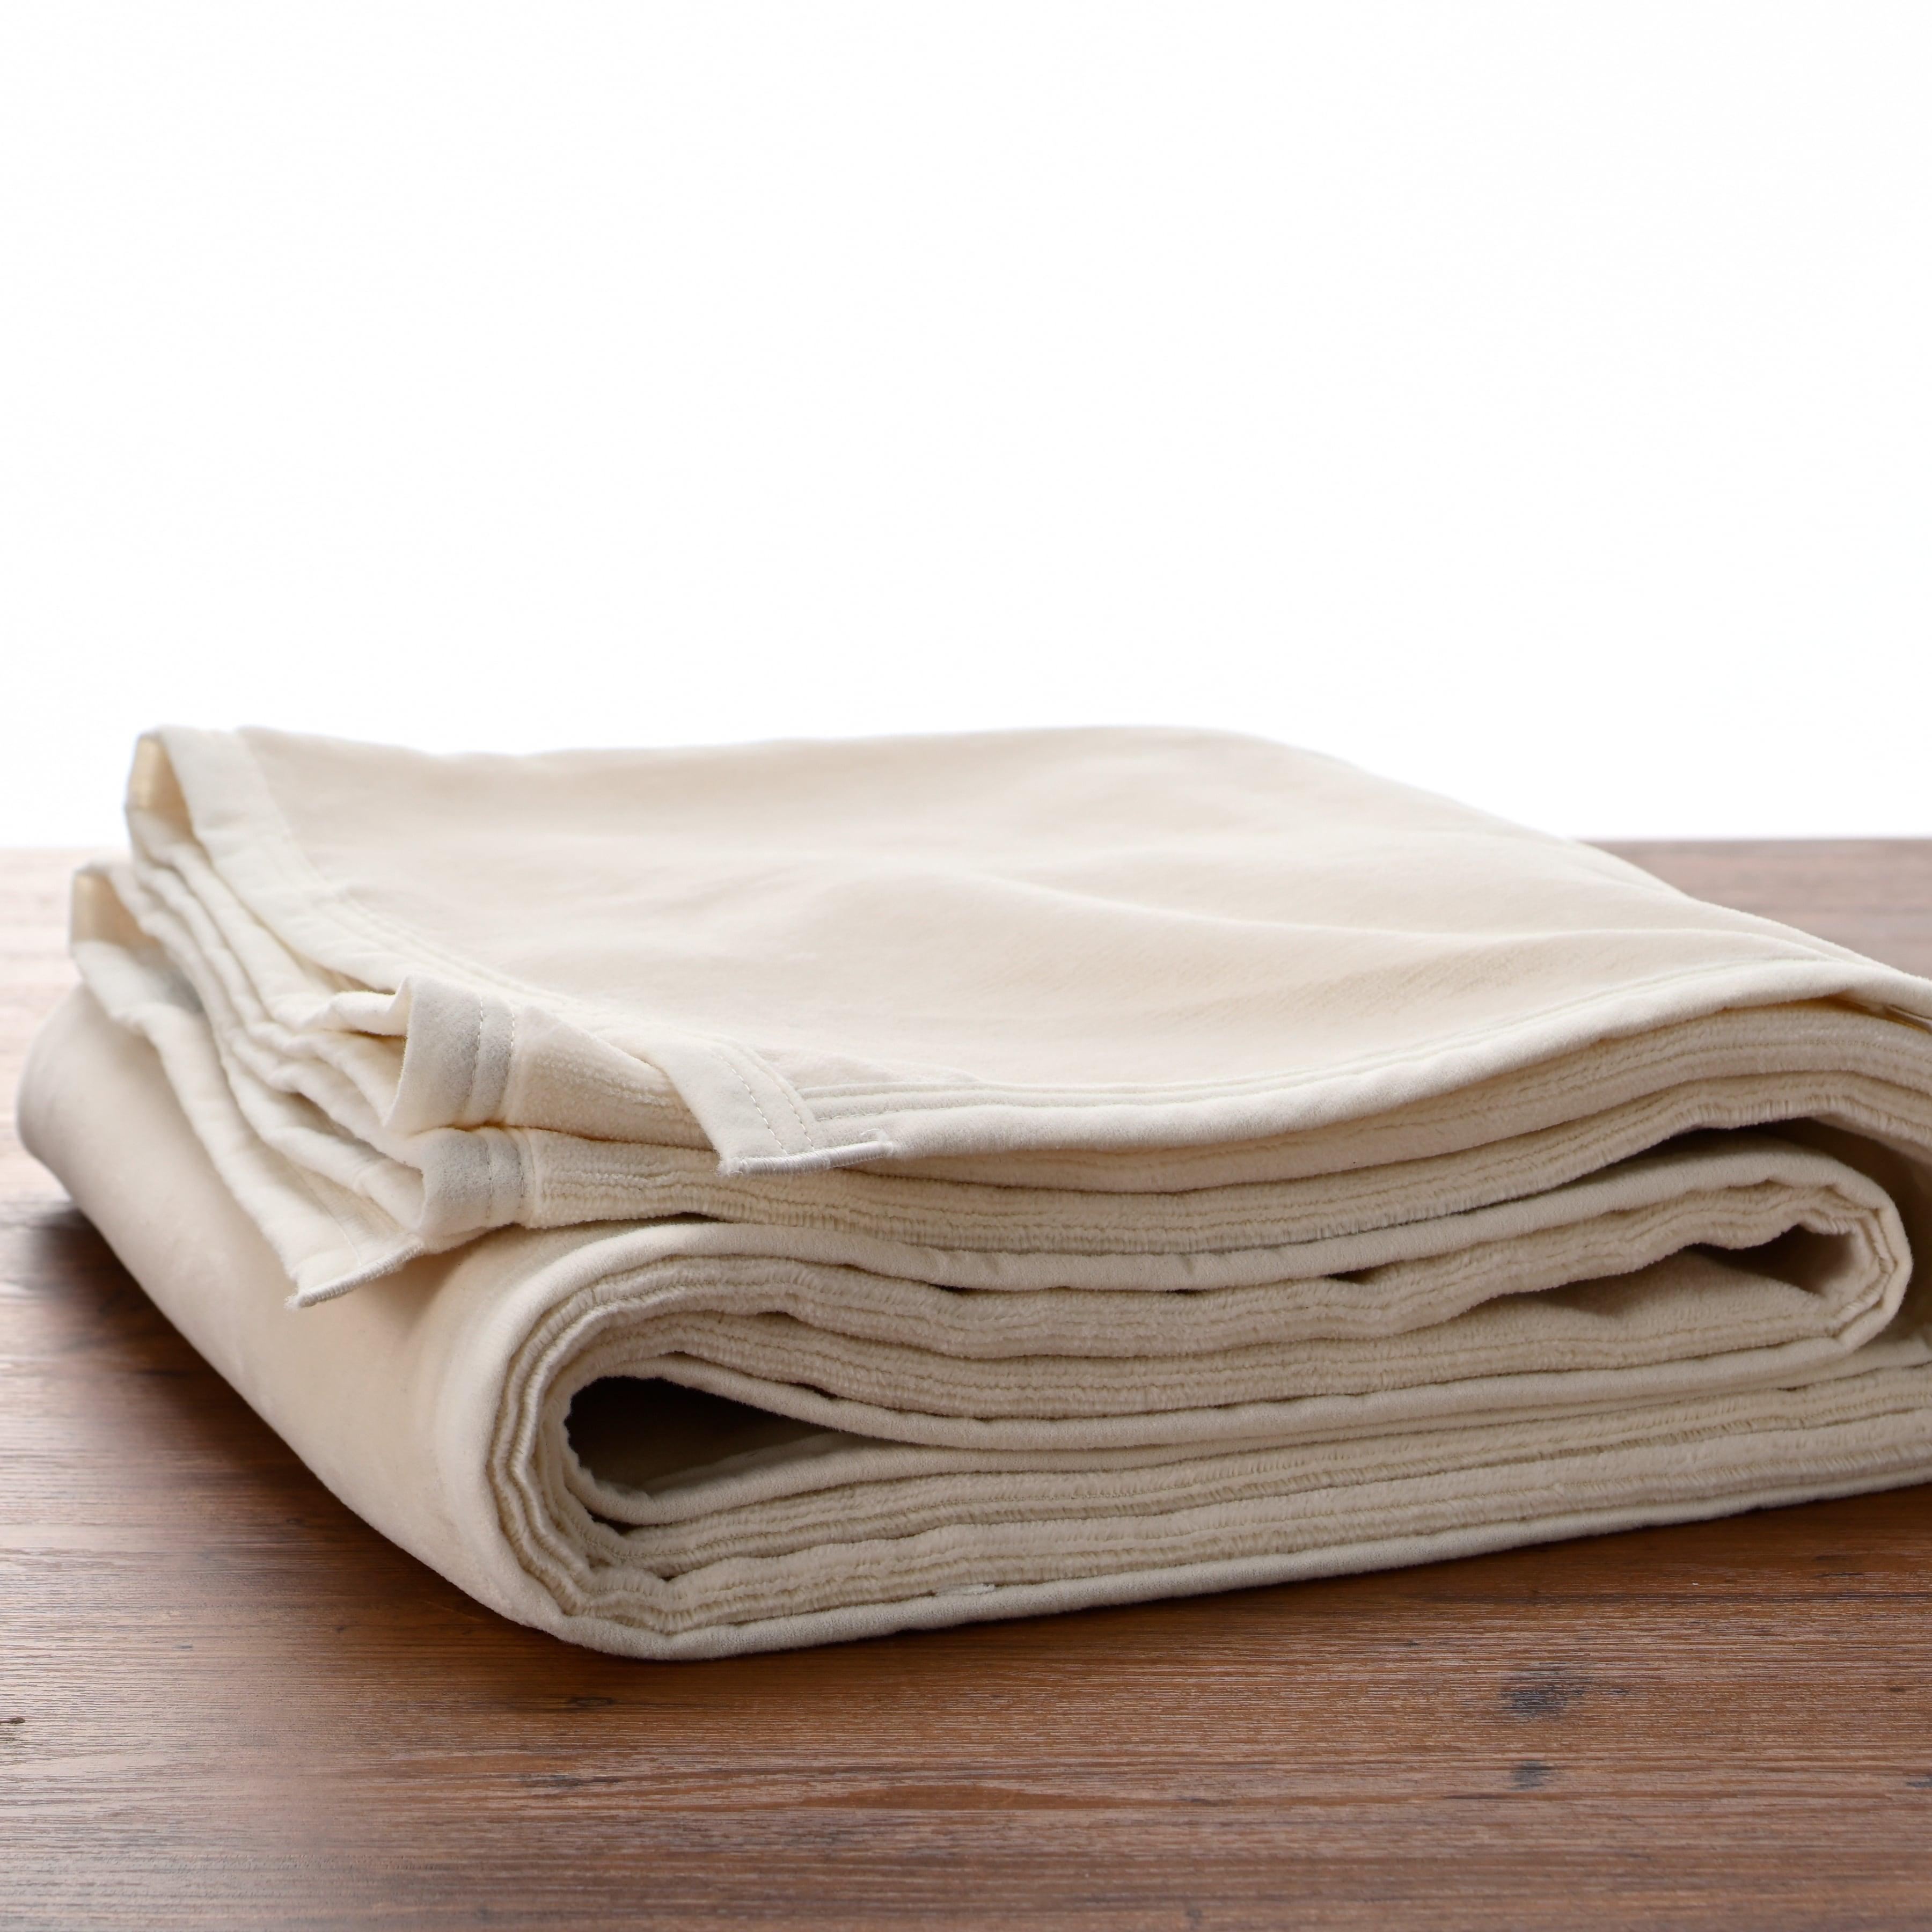 170-秋冬のやわらか綿毛布シーツ 【Pureシーツ】 (170×200cm)